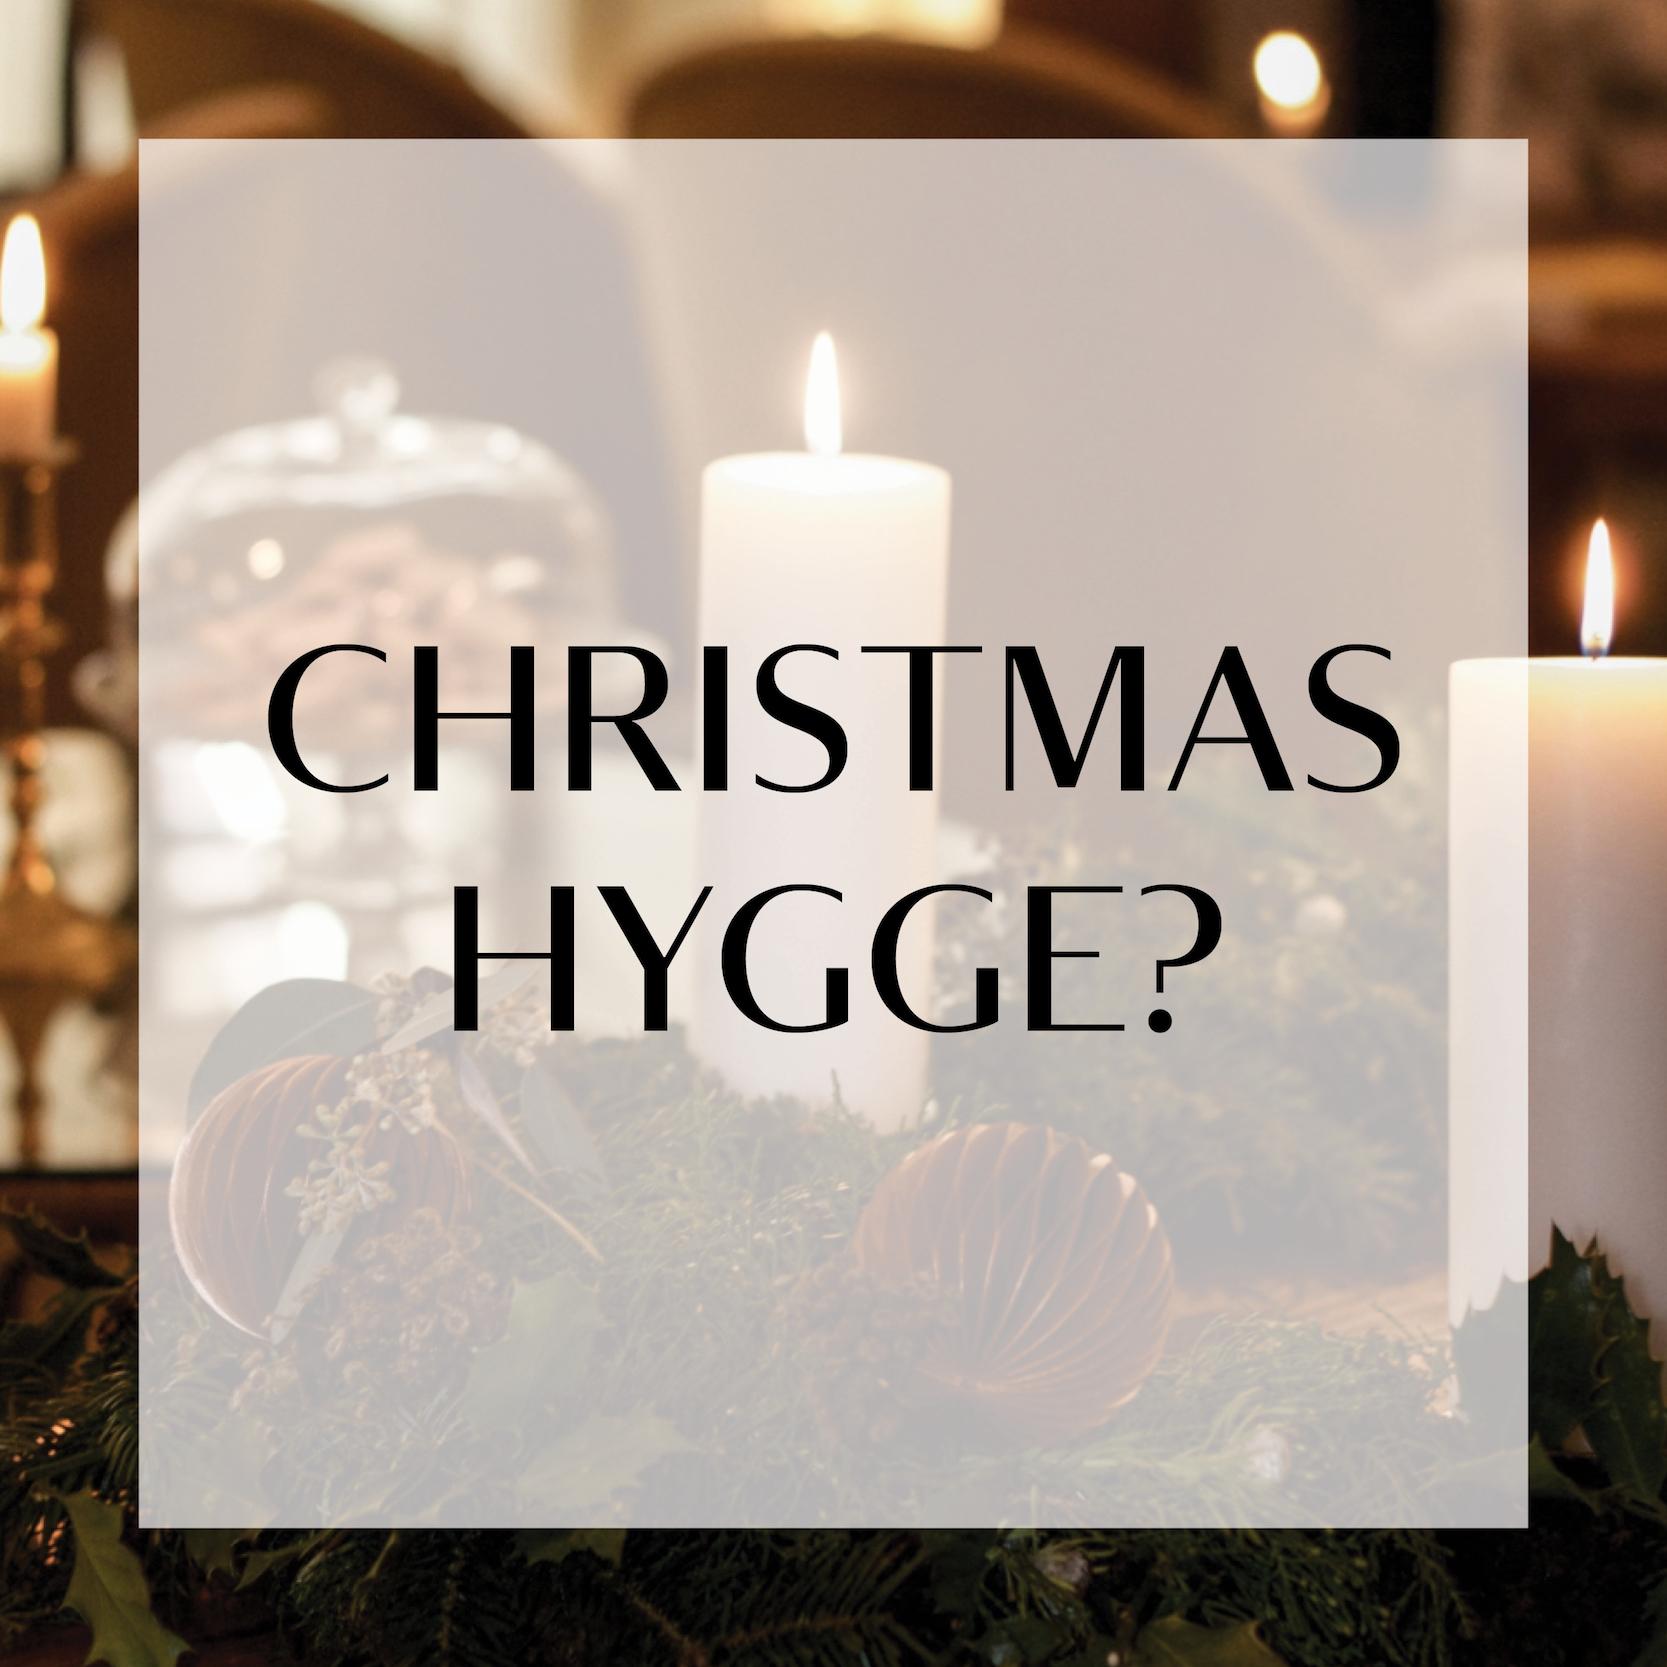 Christmas Hygge?